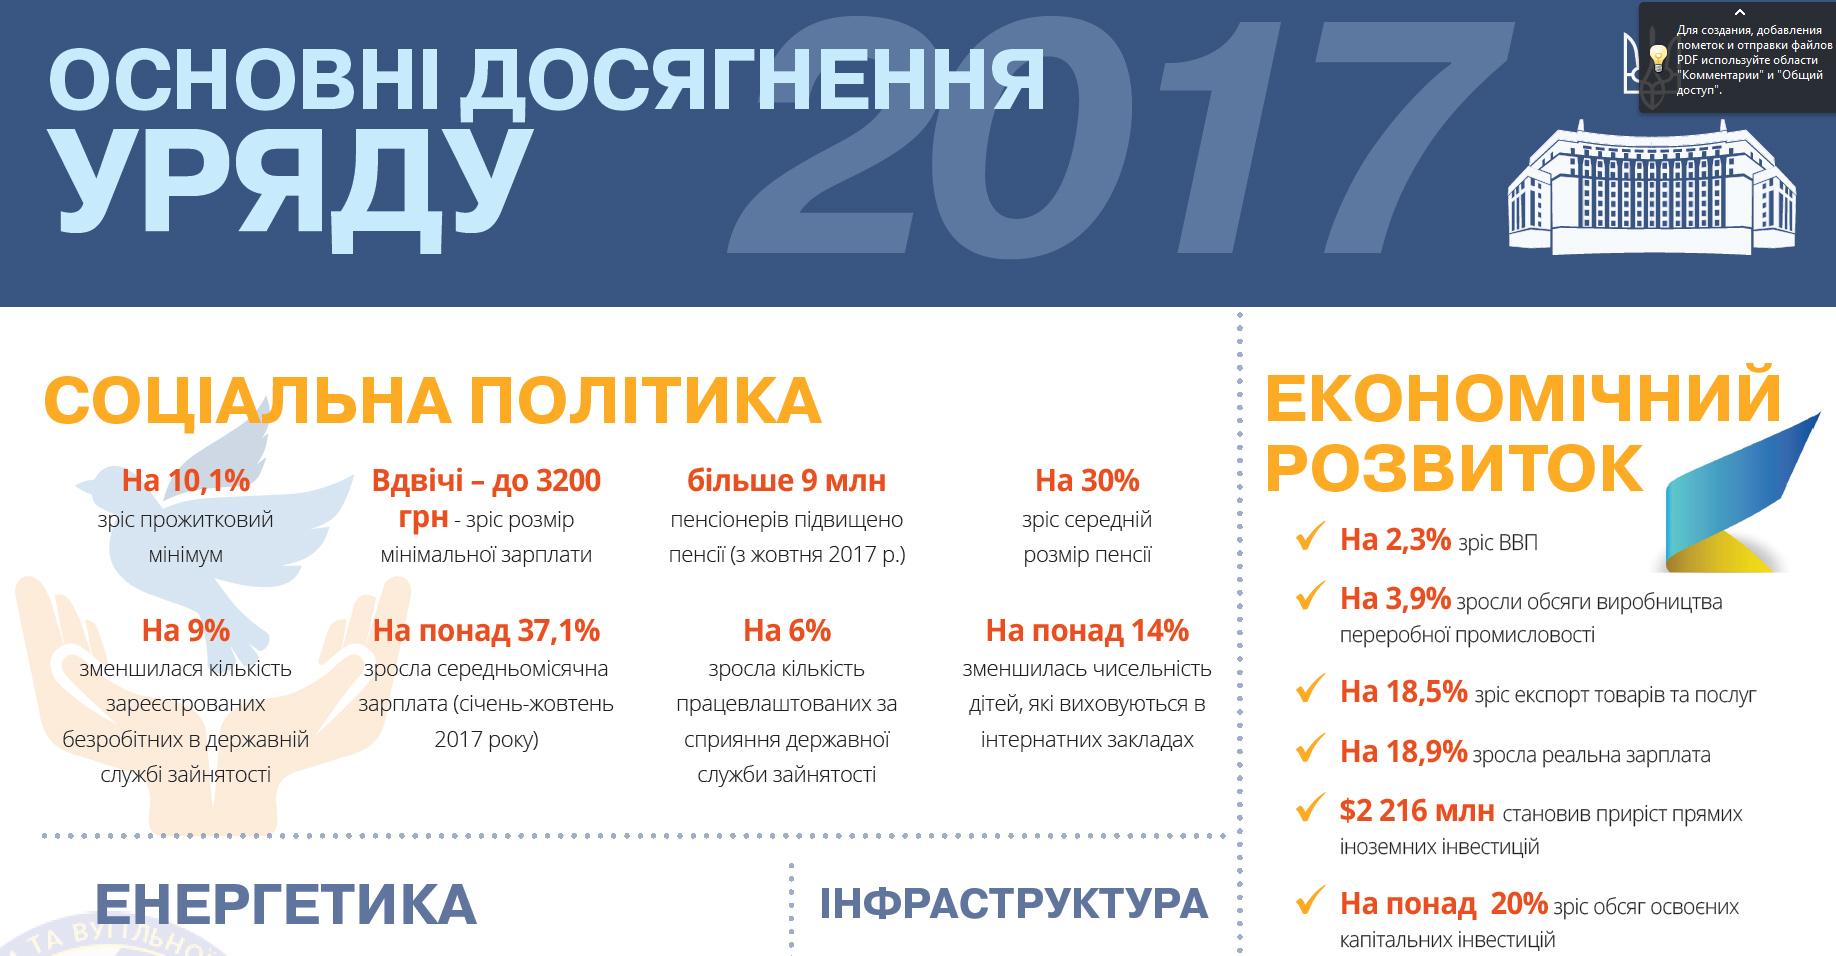 Основні досягнення Уряду у 2017 році. Інфографіка